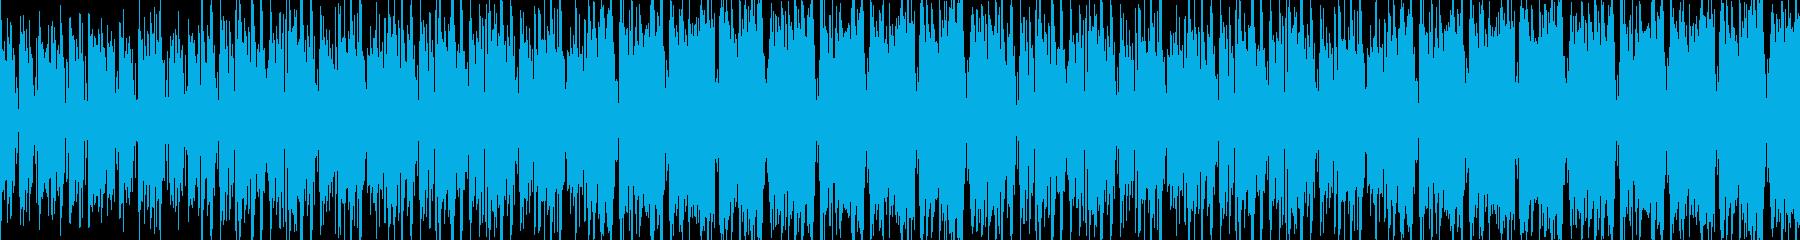 【ノリノリなアコギロック】の再生済みの波形